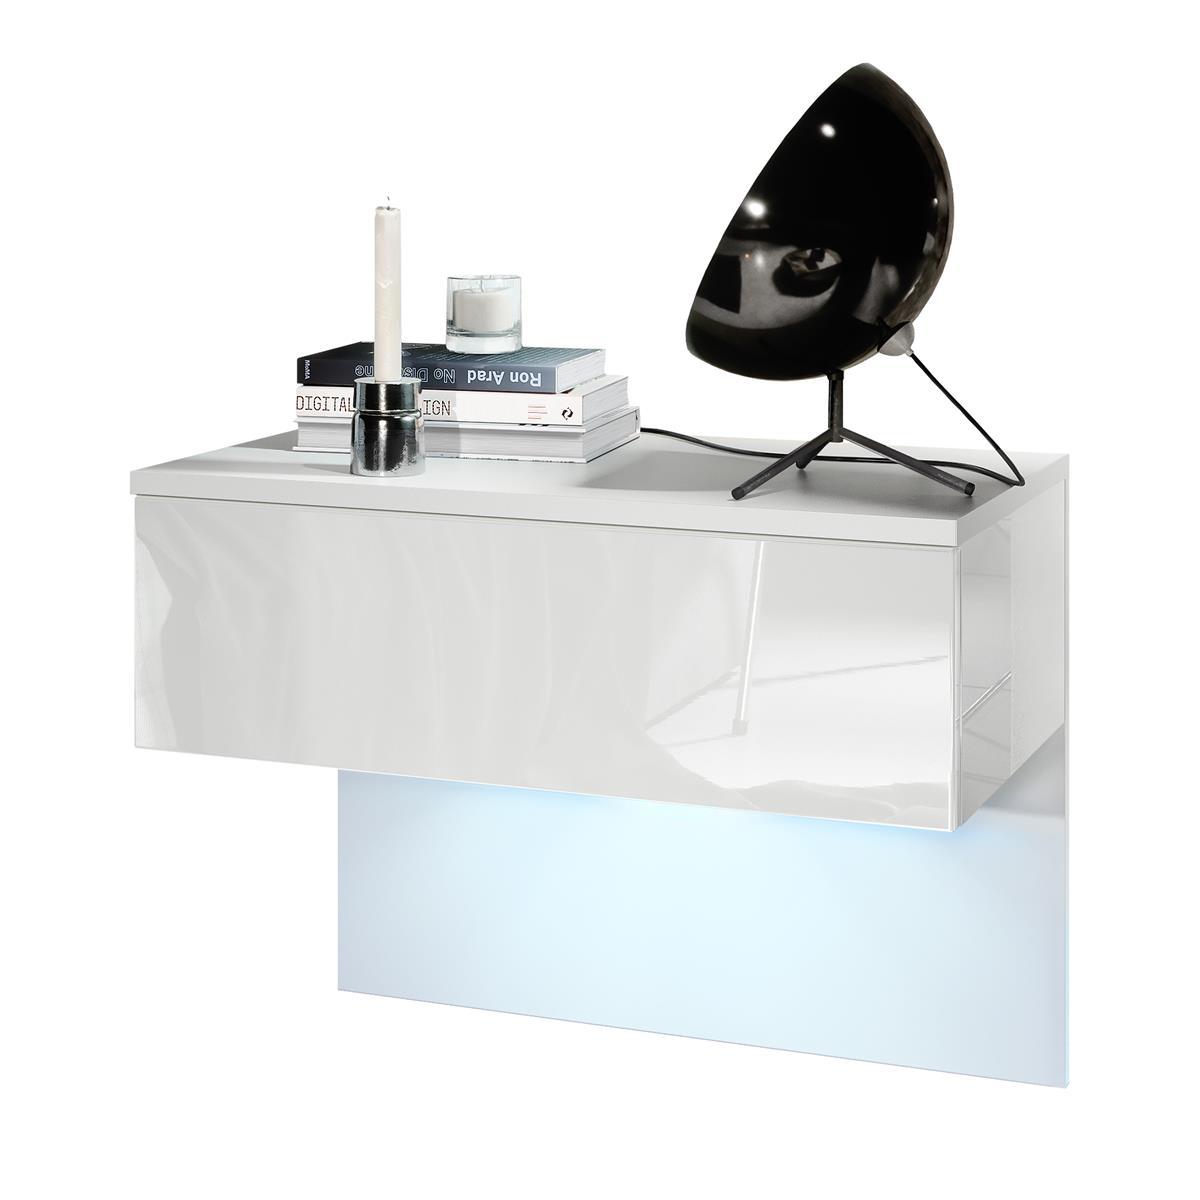 Vladon Nachttisch Nachtkonsole Sleep, Korpus in Weiß matt